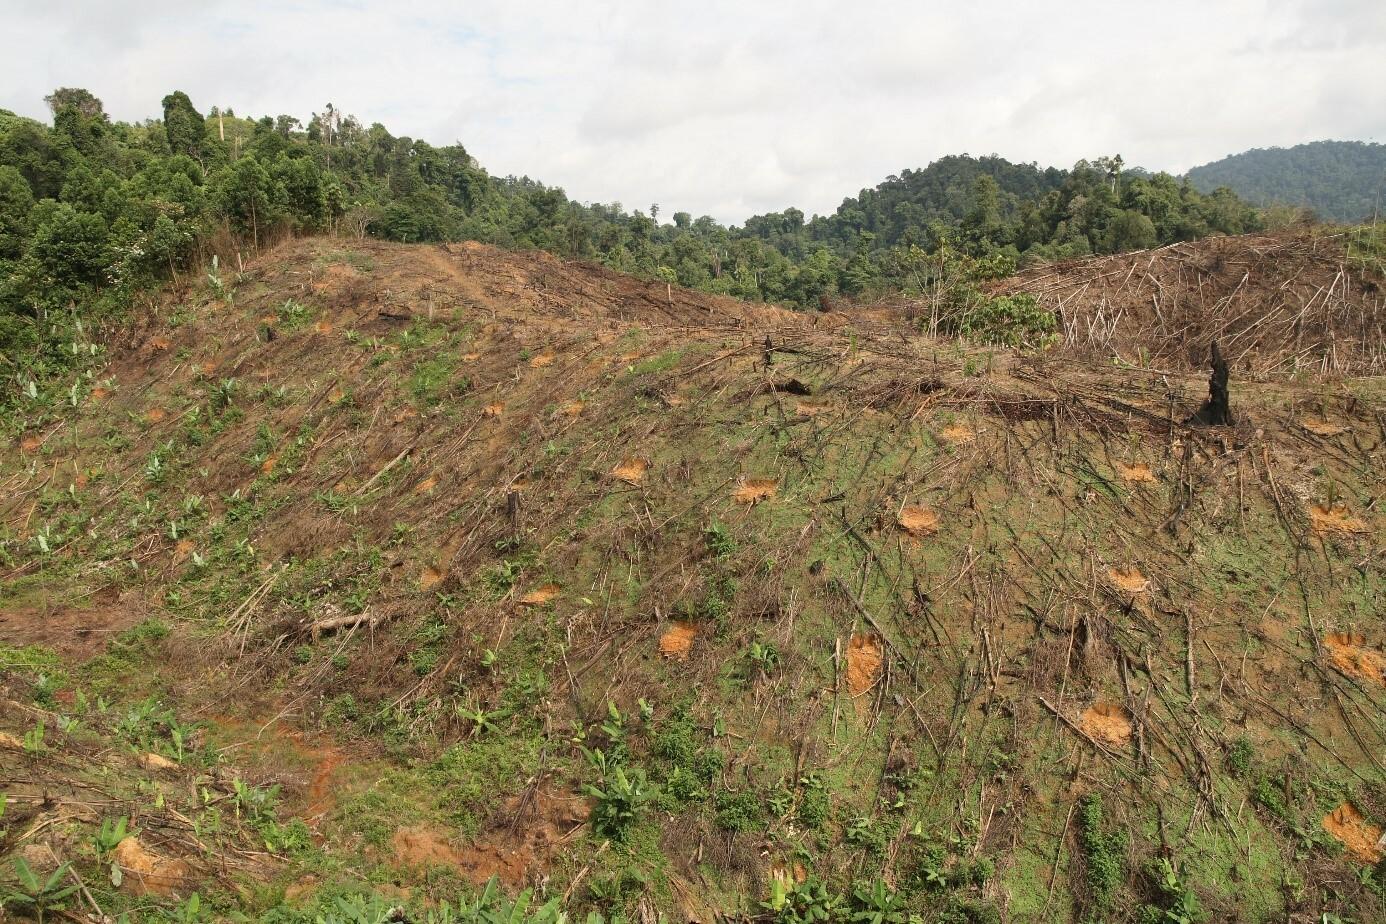 Frisch gepflanzte Ölpalmen auf kürzlich entwaldetem, stark verwittertem Boden in den Tropen.